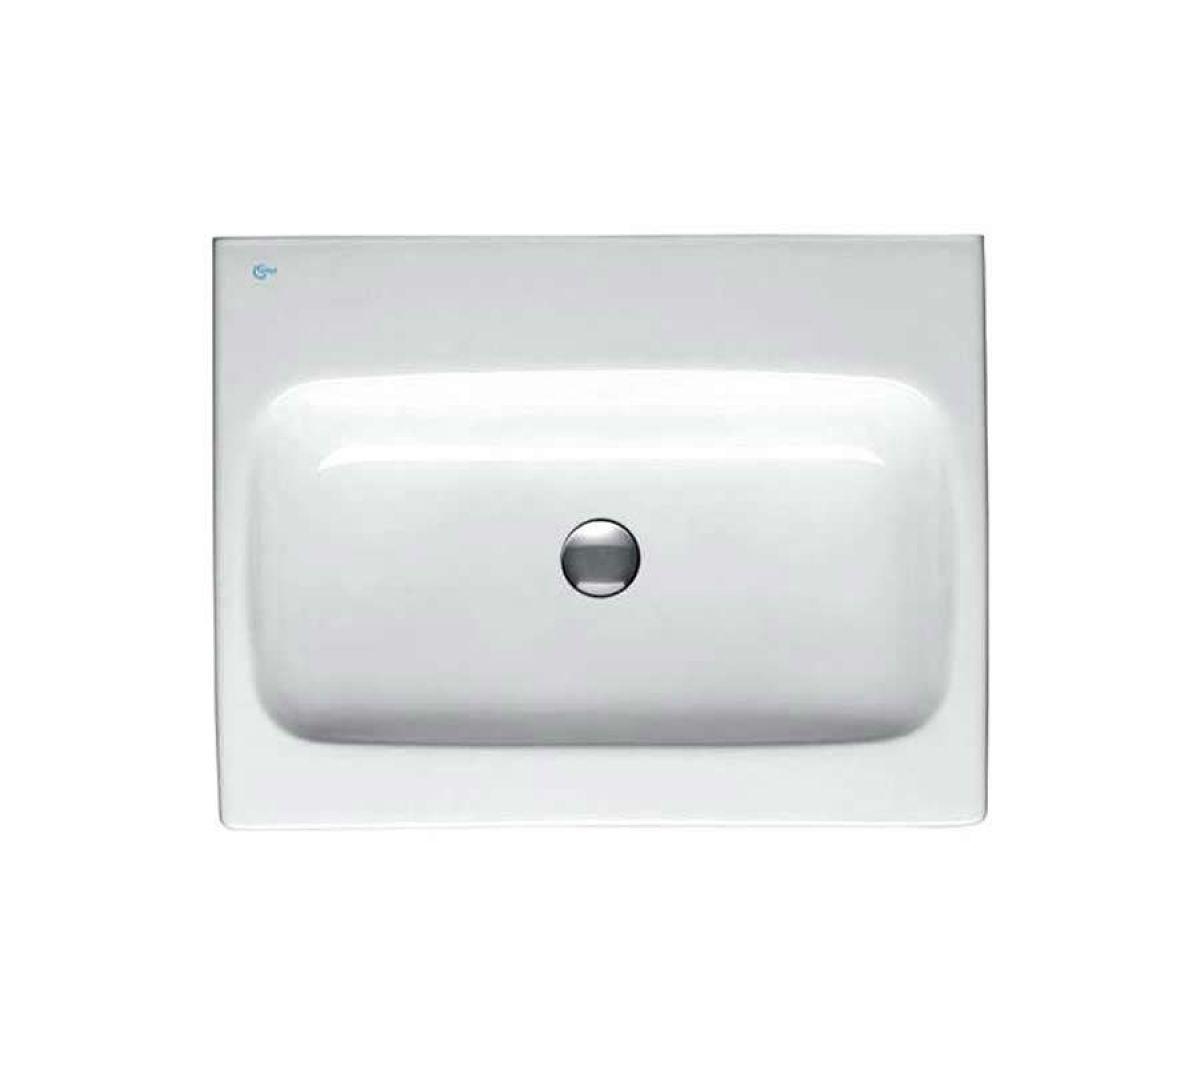 ideal standard simplyu dynamic 800mm basin uk bathrooms. Black Bedroom Furniture Sets. Home Design Ideas